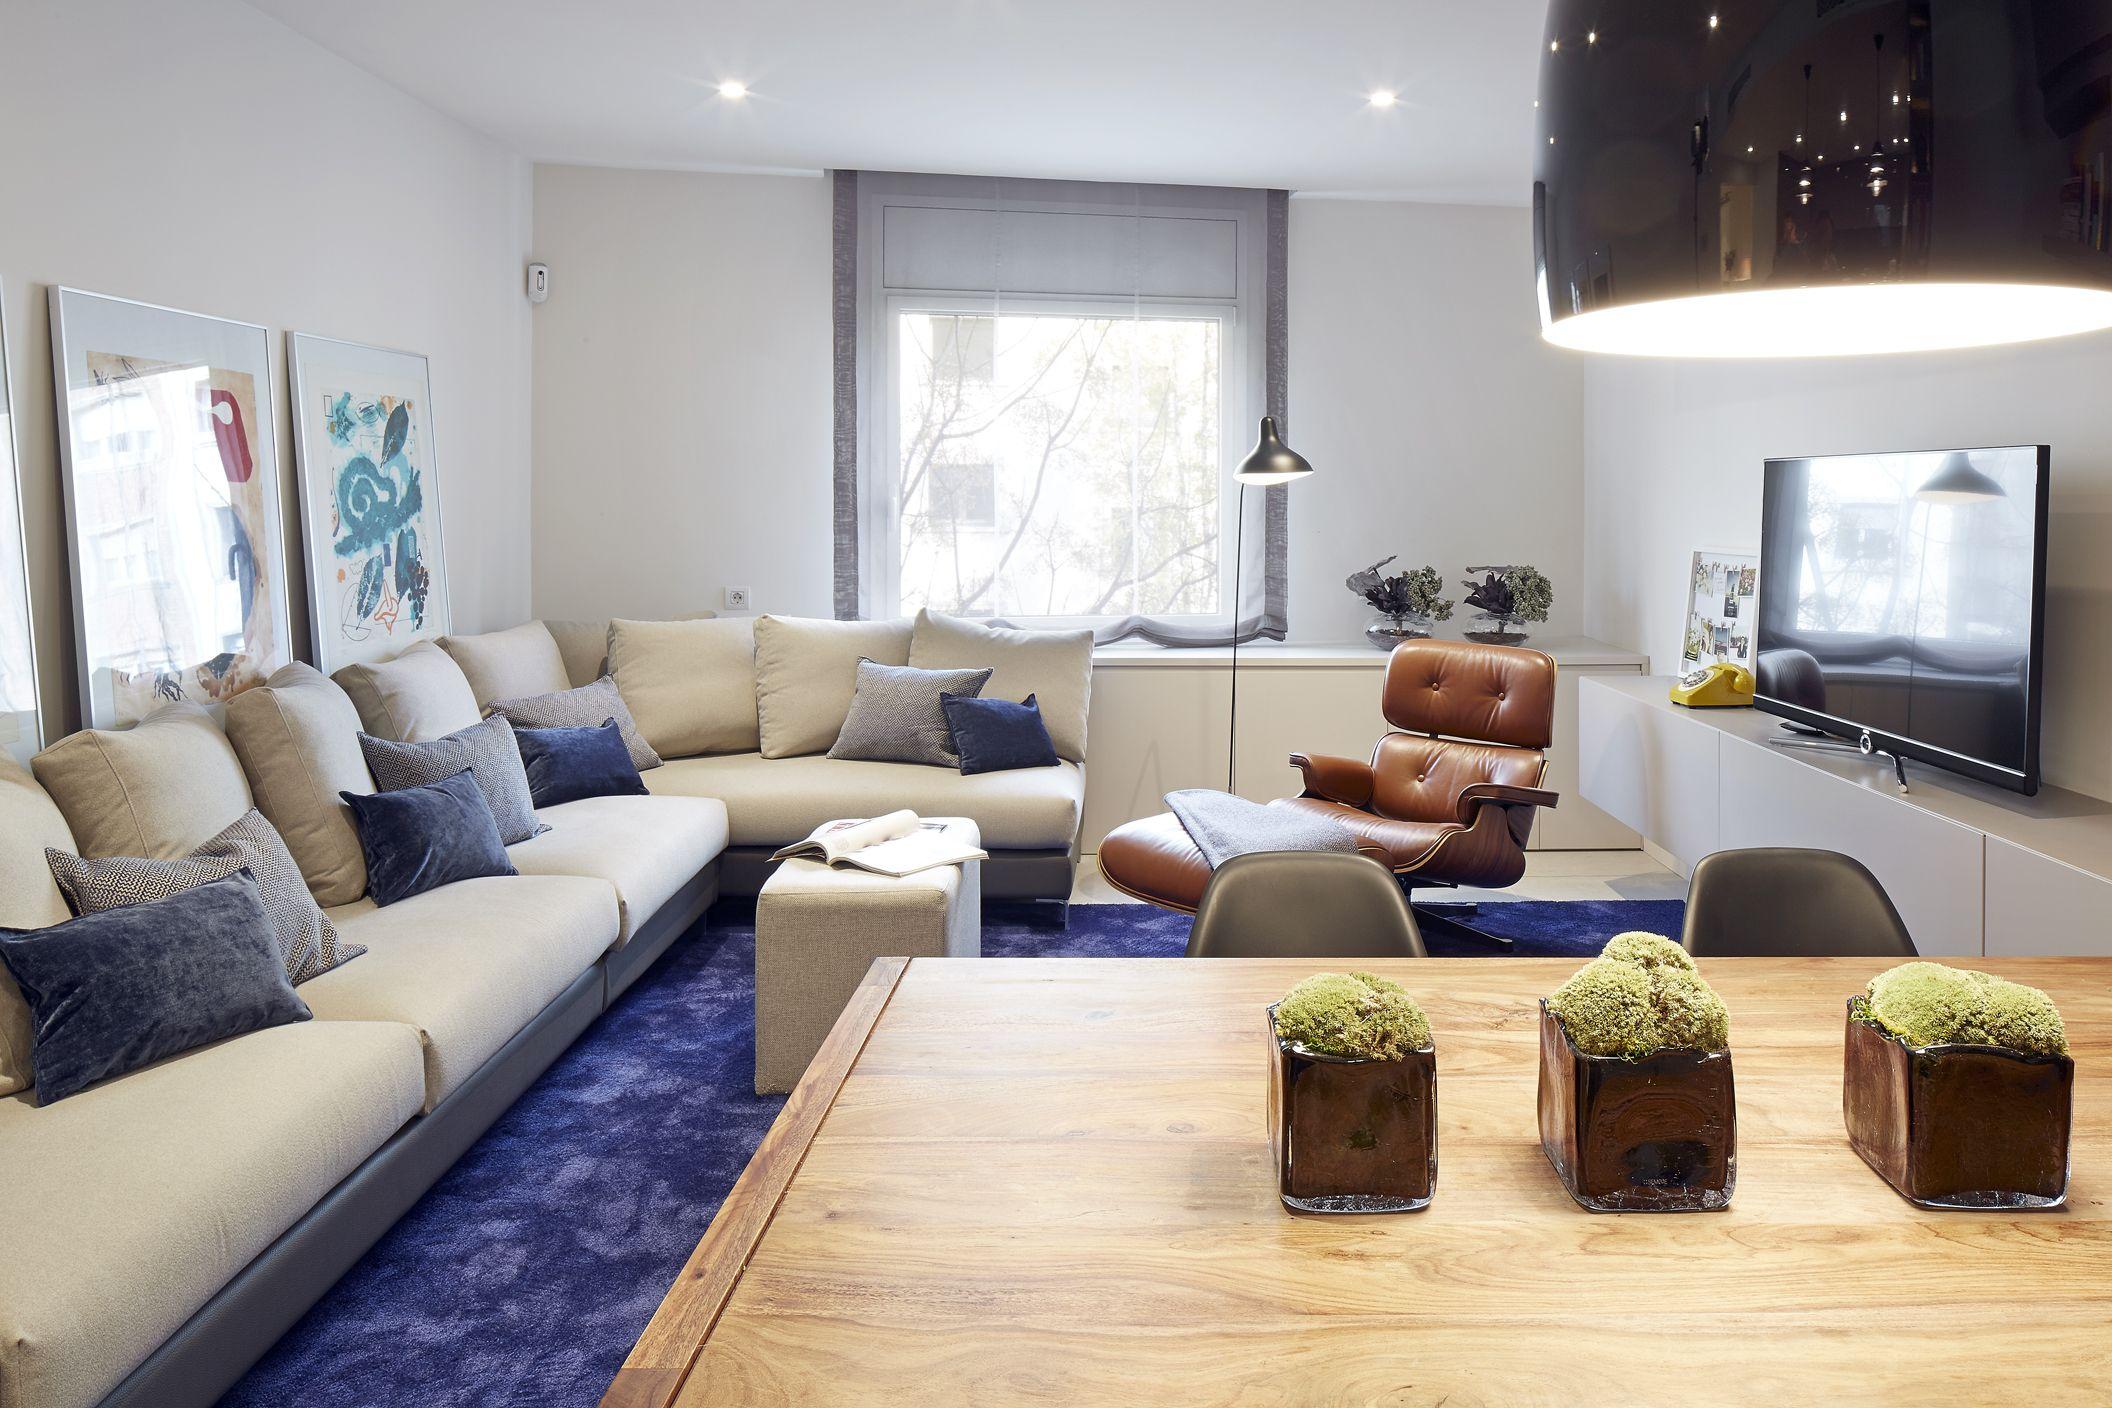 Molins Interiors // arquitectura interior - interiorismo ...